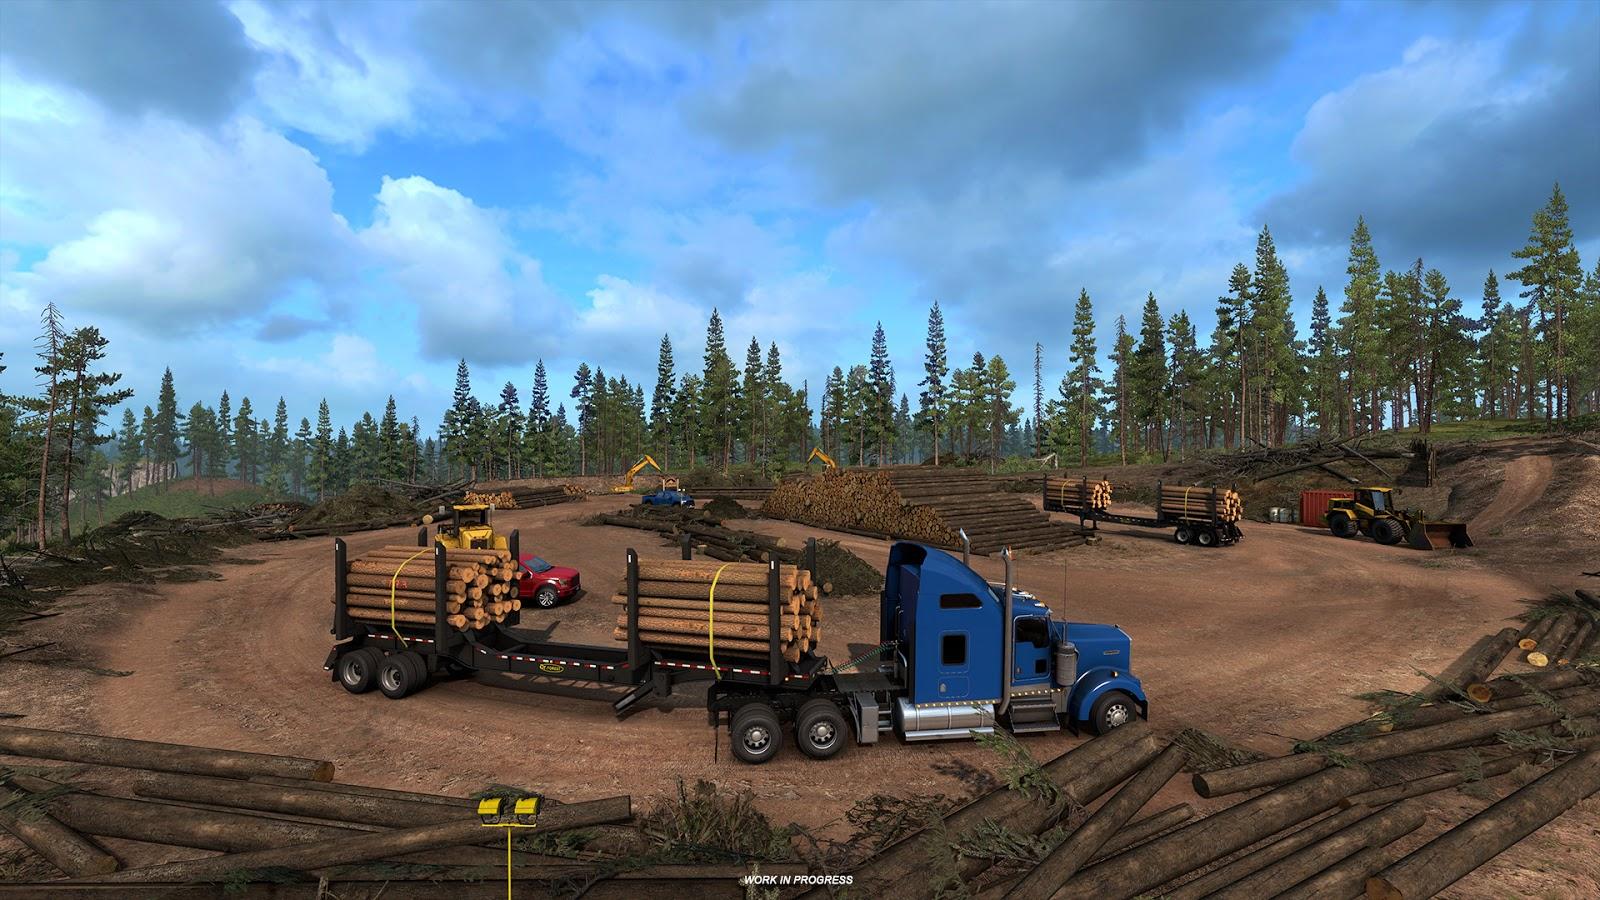 ats-idaho-1-jpg American Truck Sim | More Idaho Previews - Logging